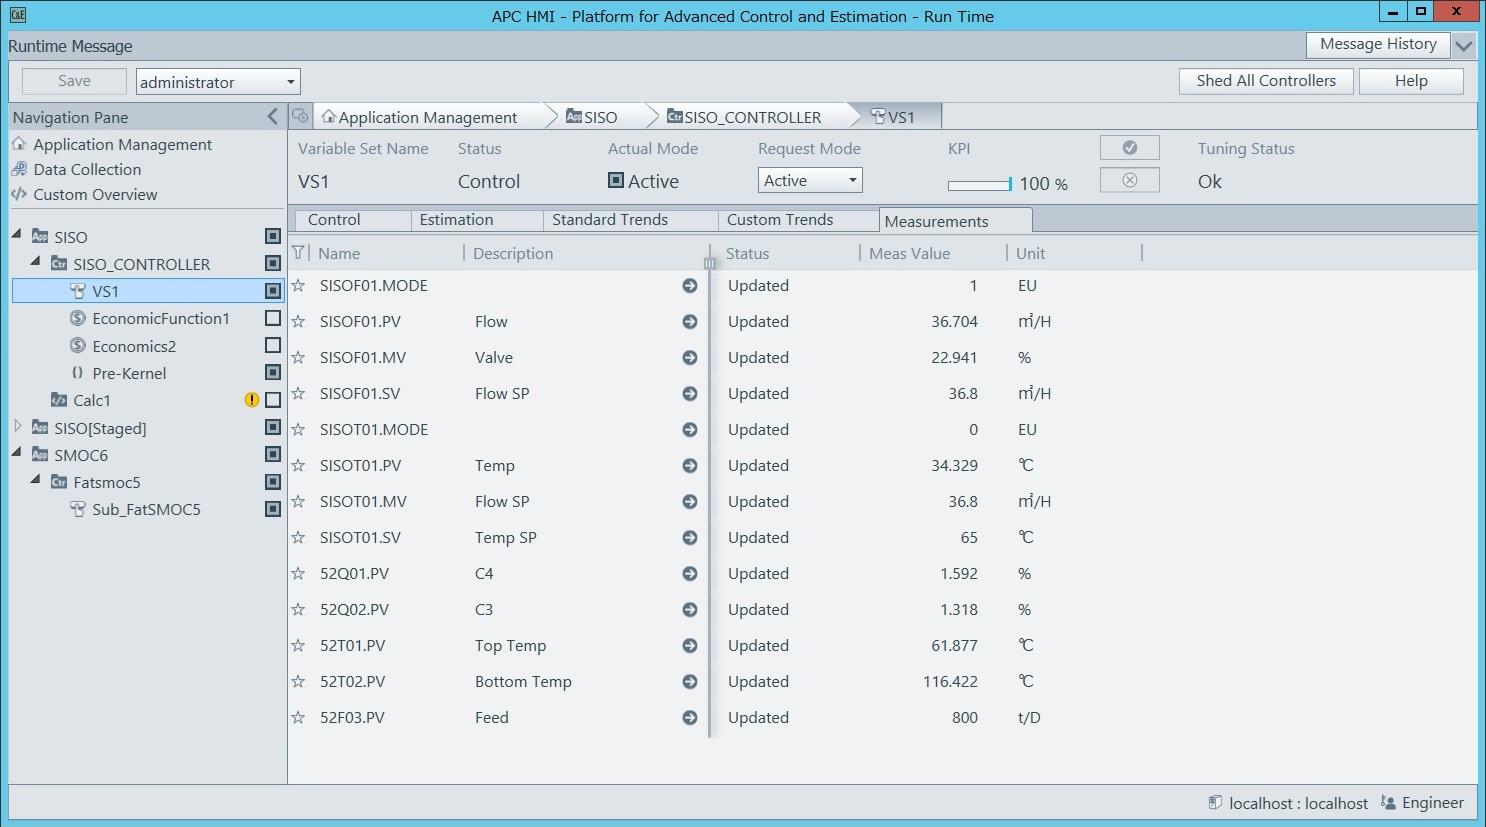 横河电机发布先进控制和评估平台R5.02